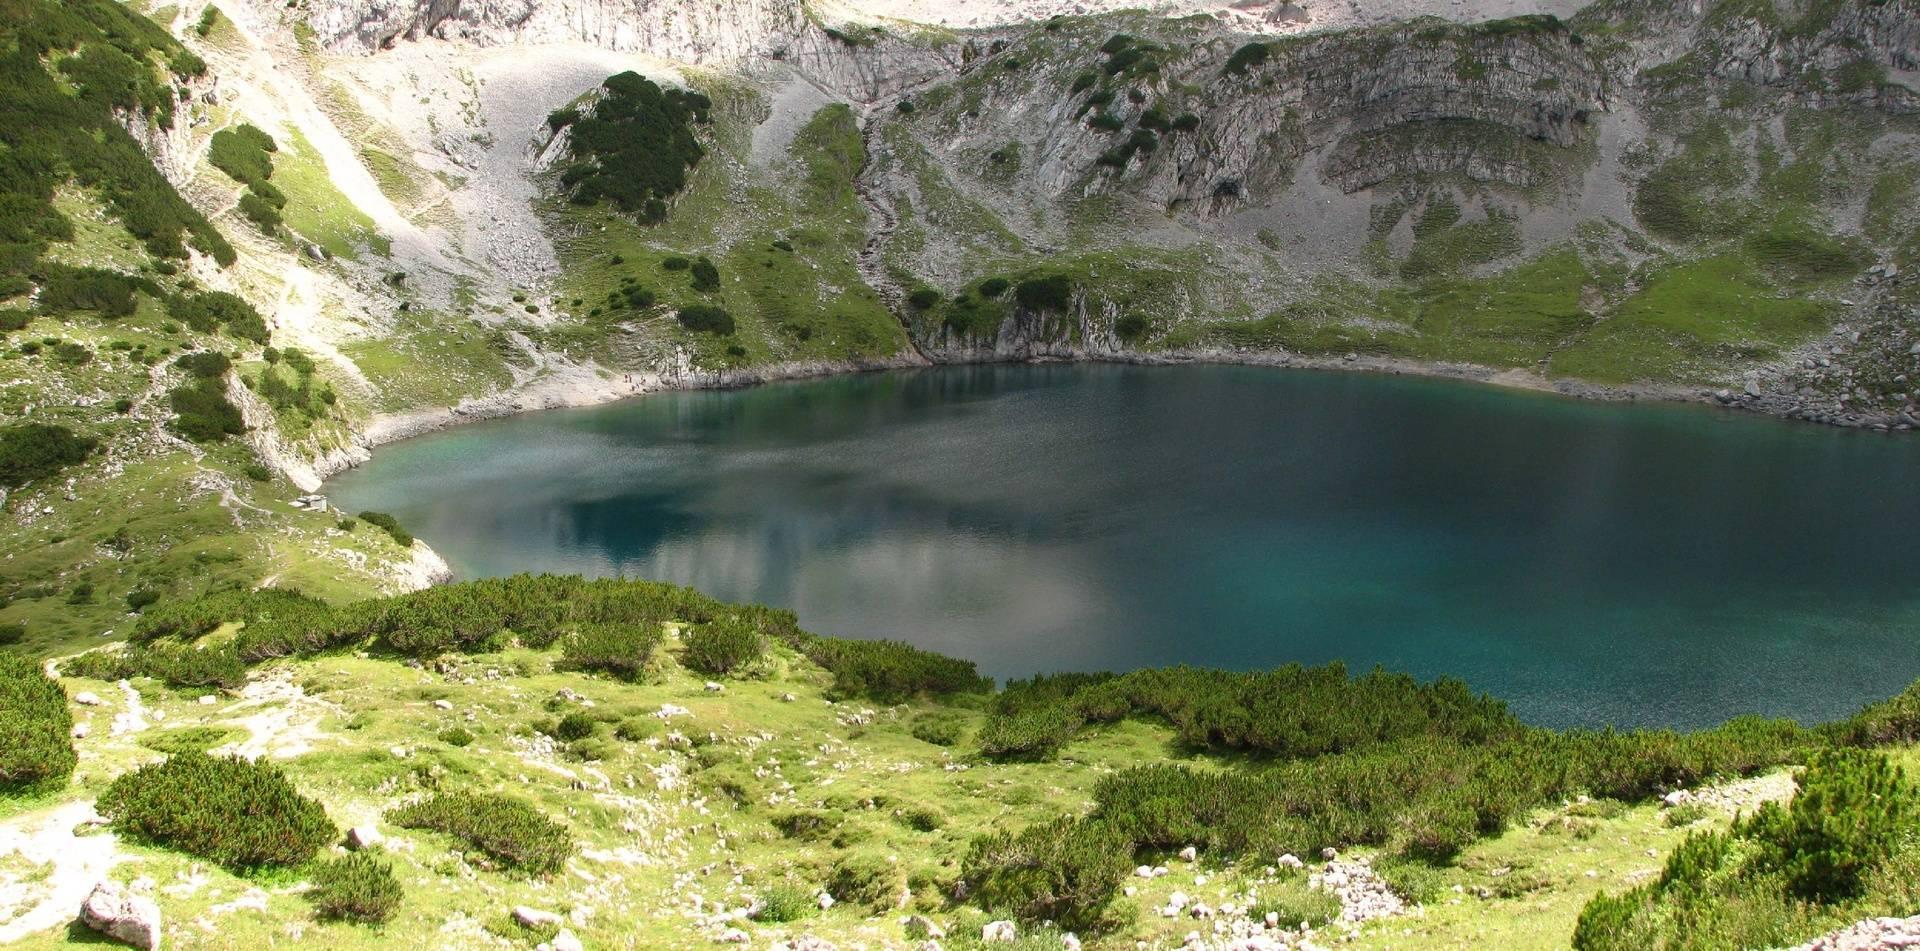 Dracensee Lake